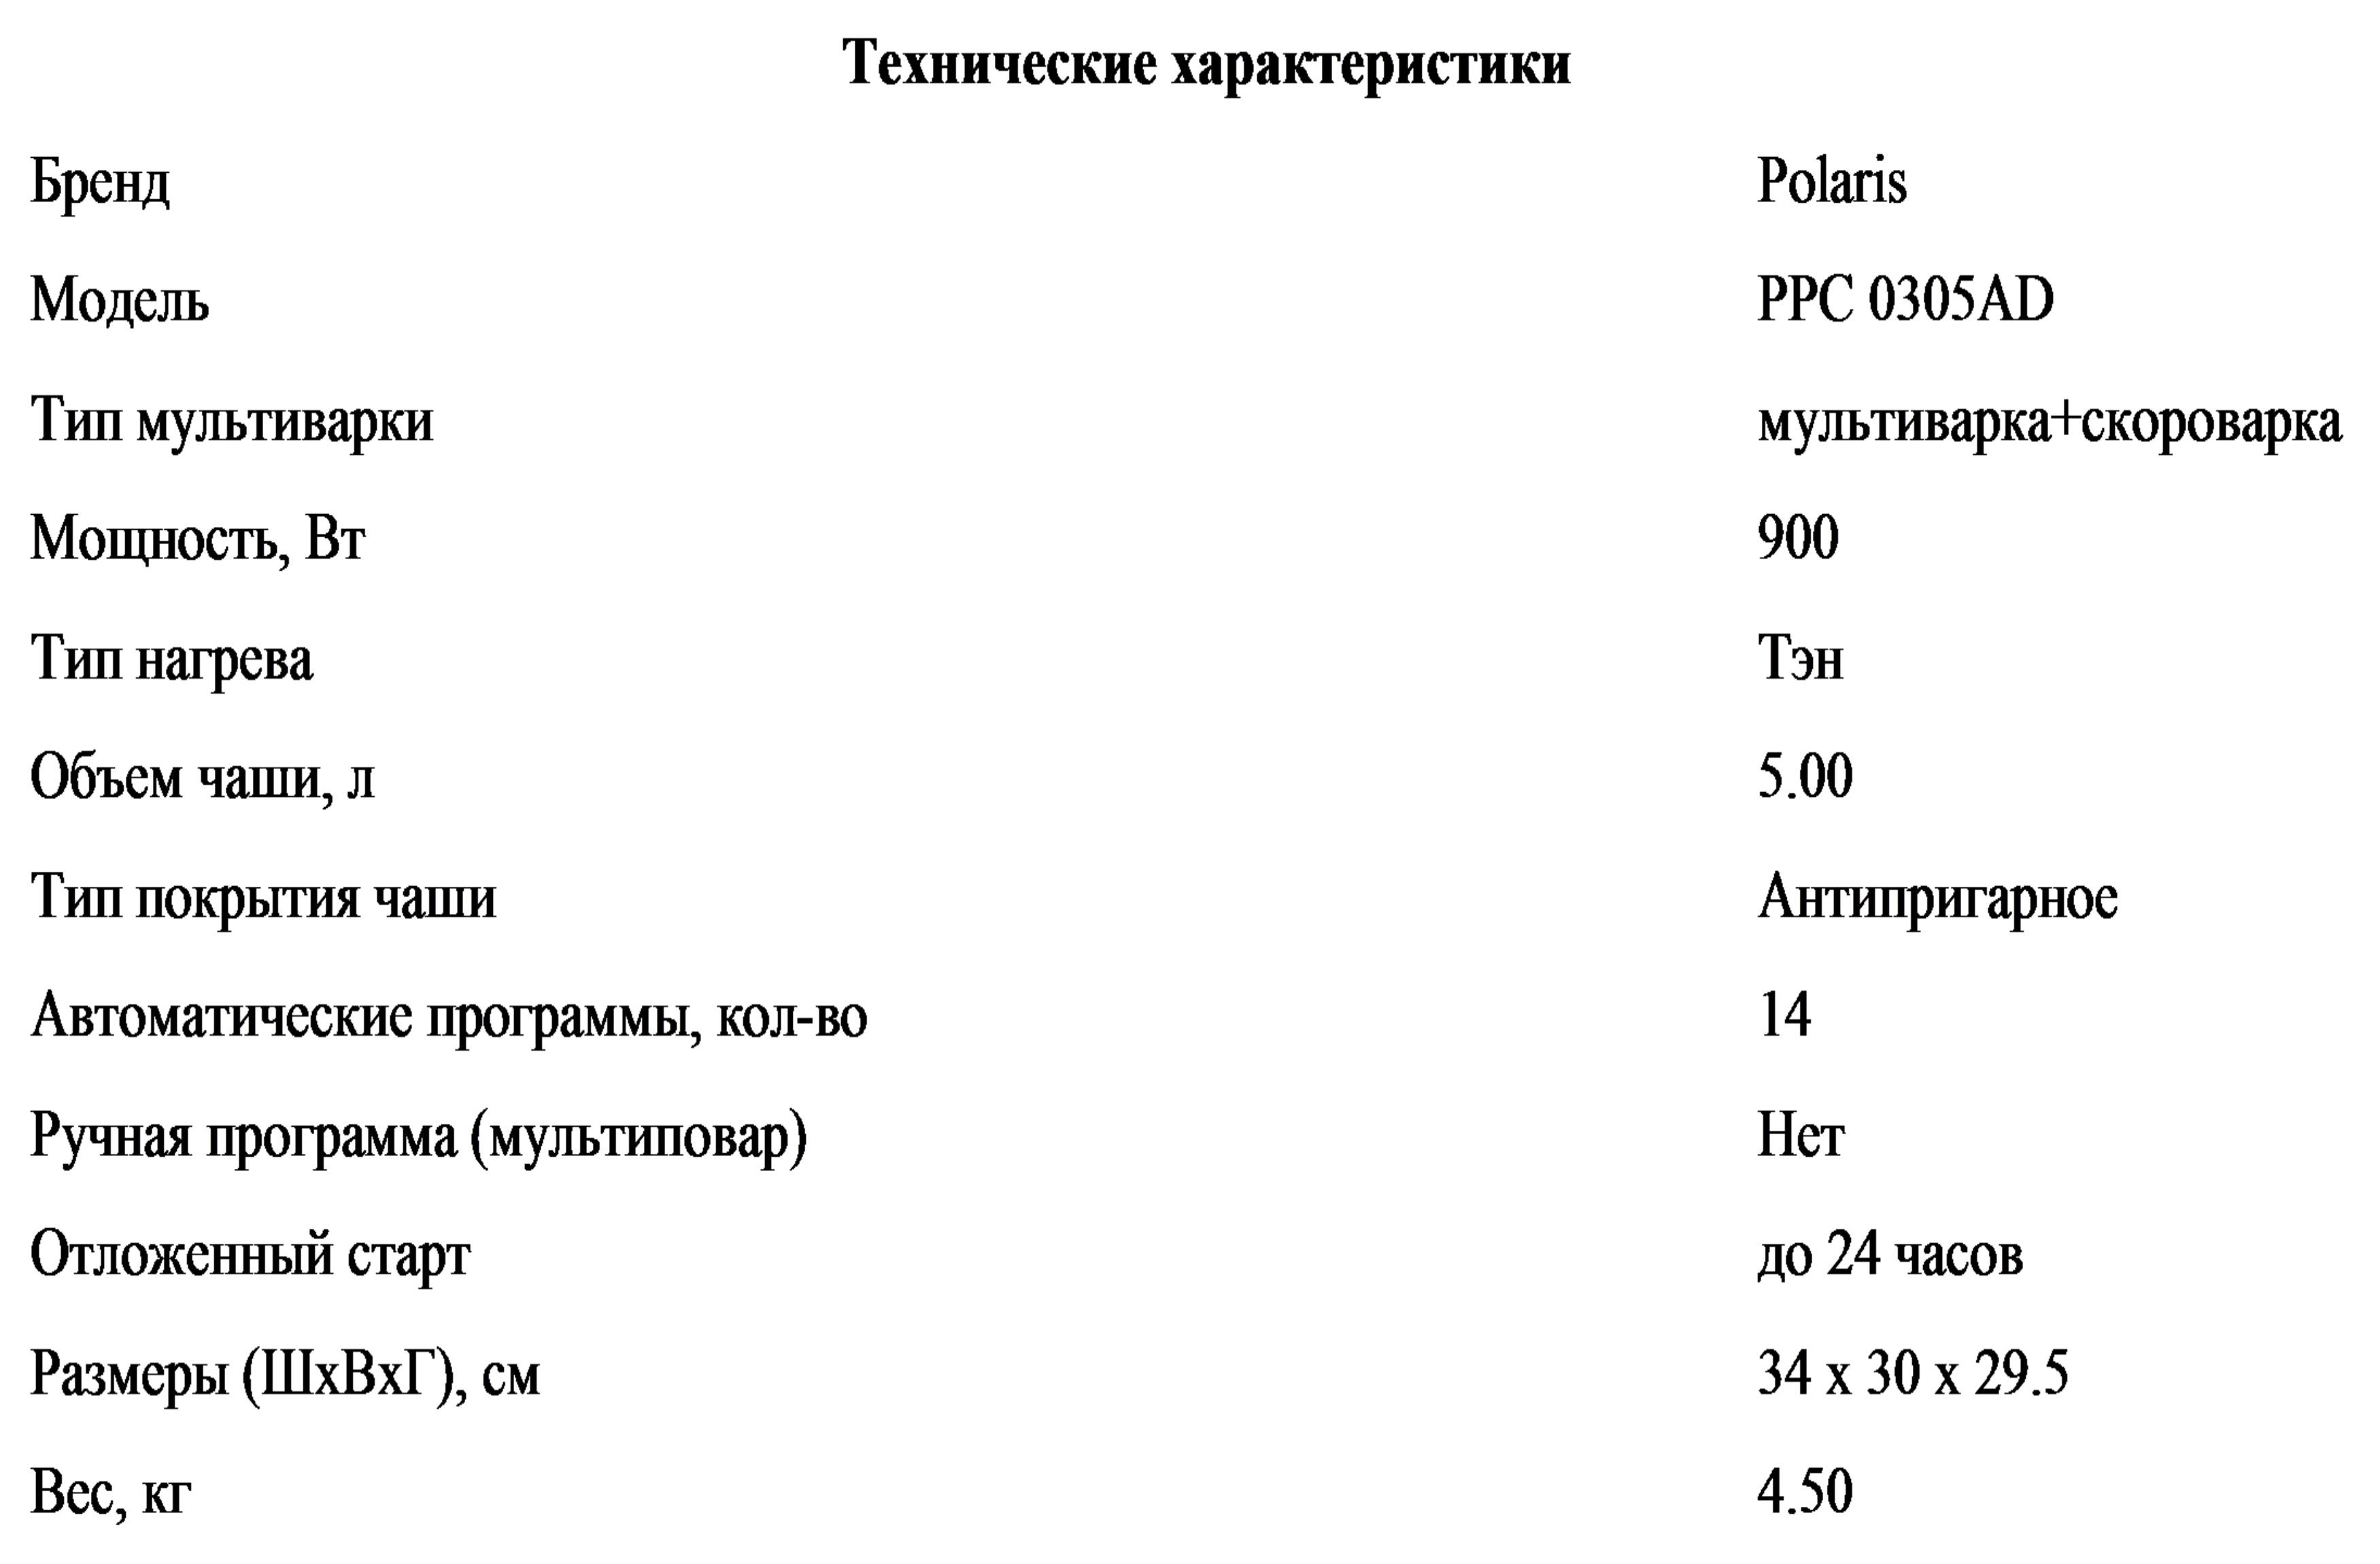 инструкция к мультиварке поларис 0511 ad